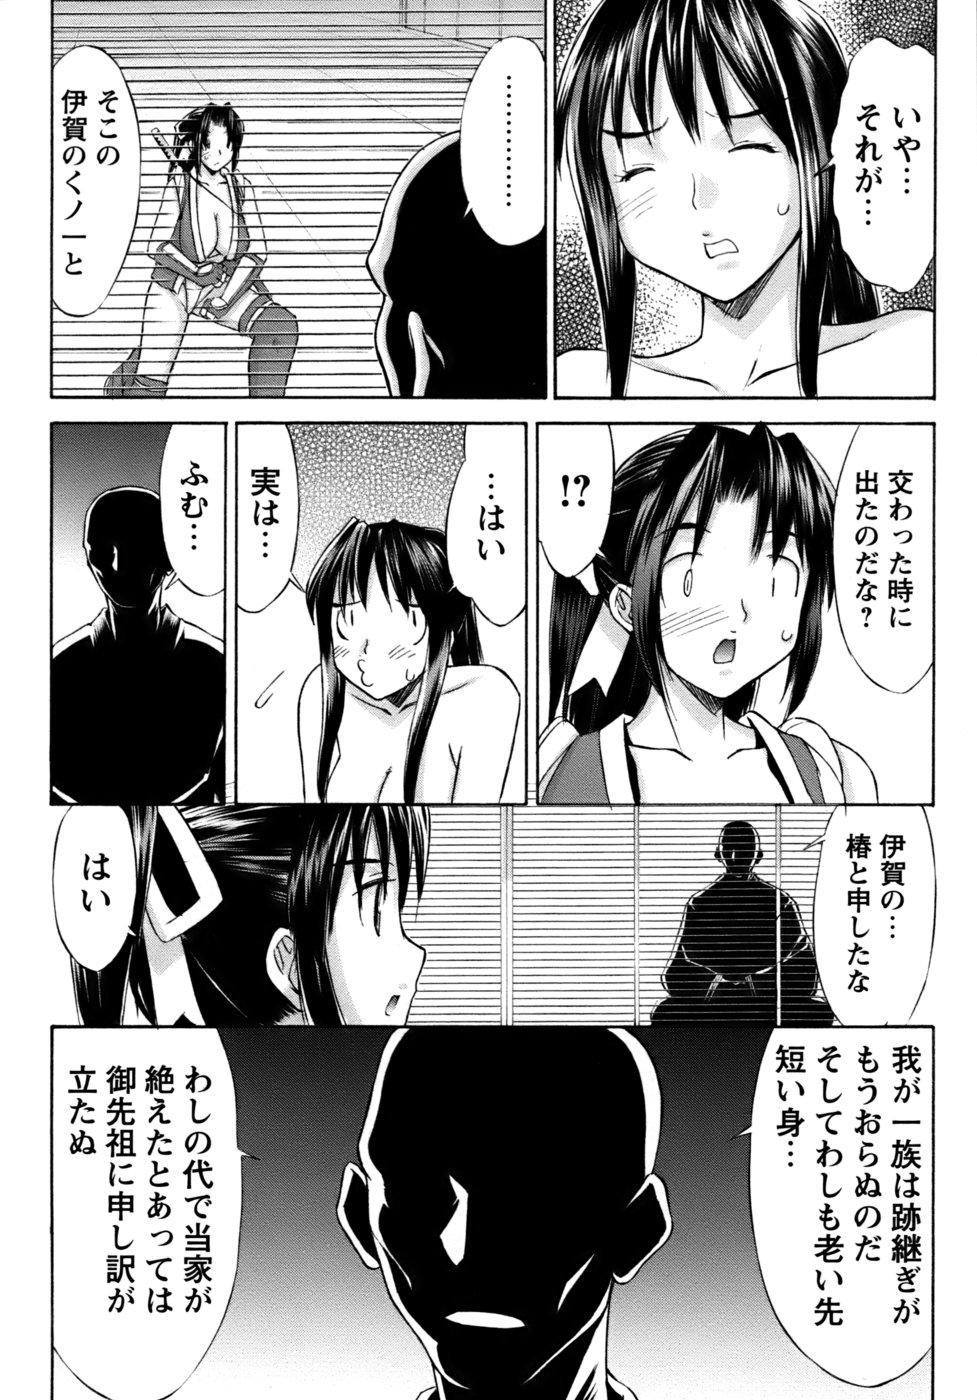 Kunoichi Tsubaki Chinpuchou 143